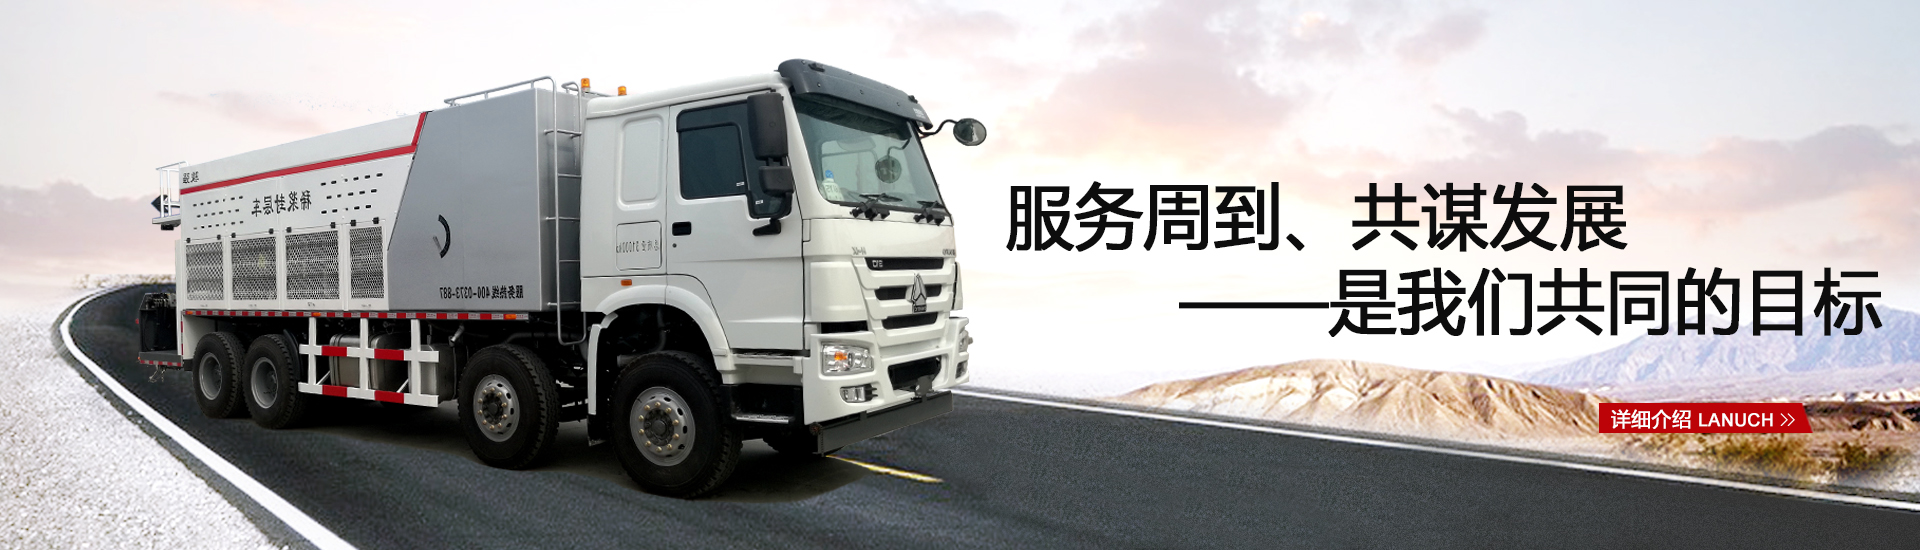 新乡市骏华专用汽车车辆有限公司